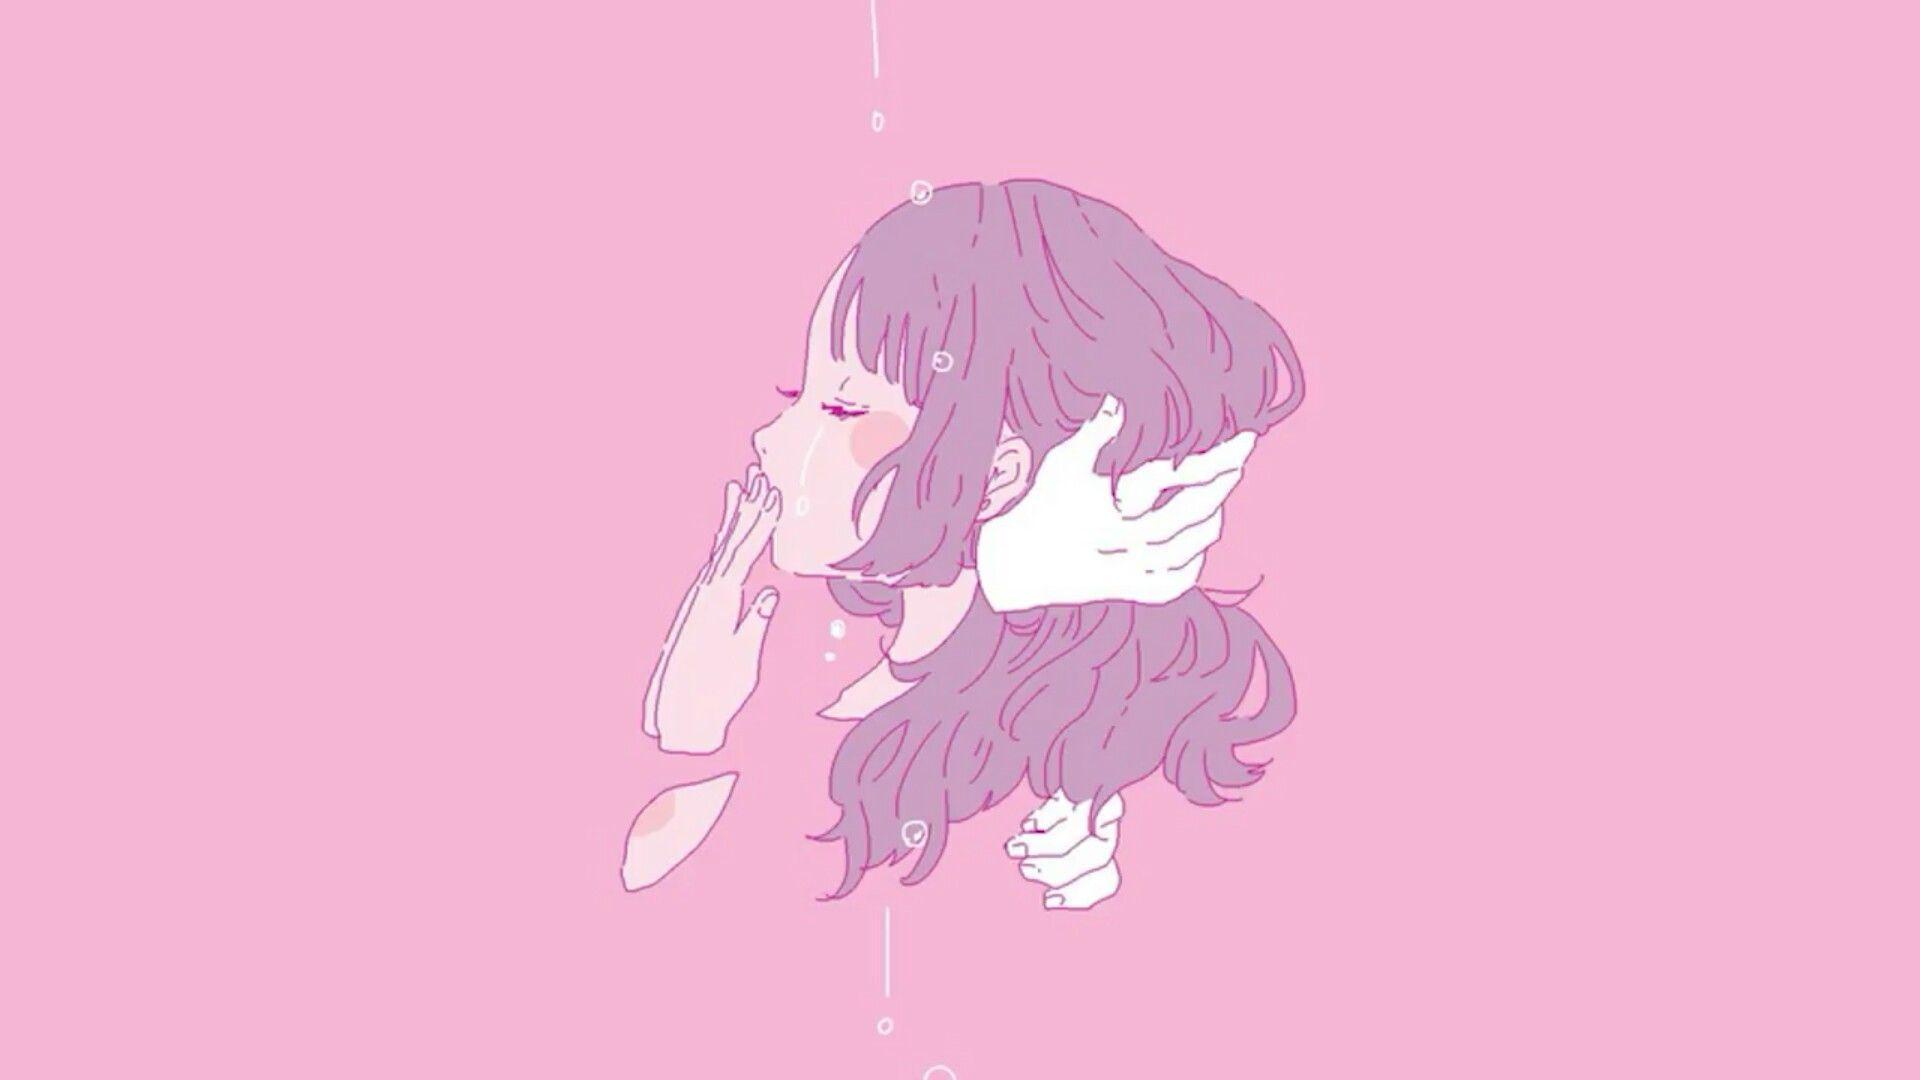 Anime Girl Aesthetic Desktop Wallpapers Wallpaper Cave